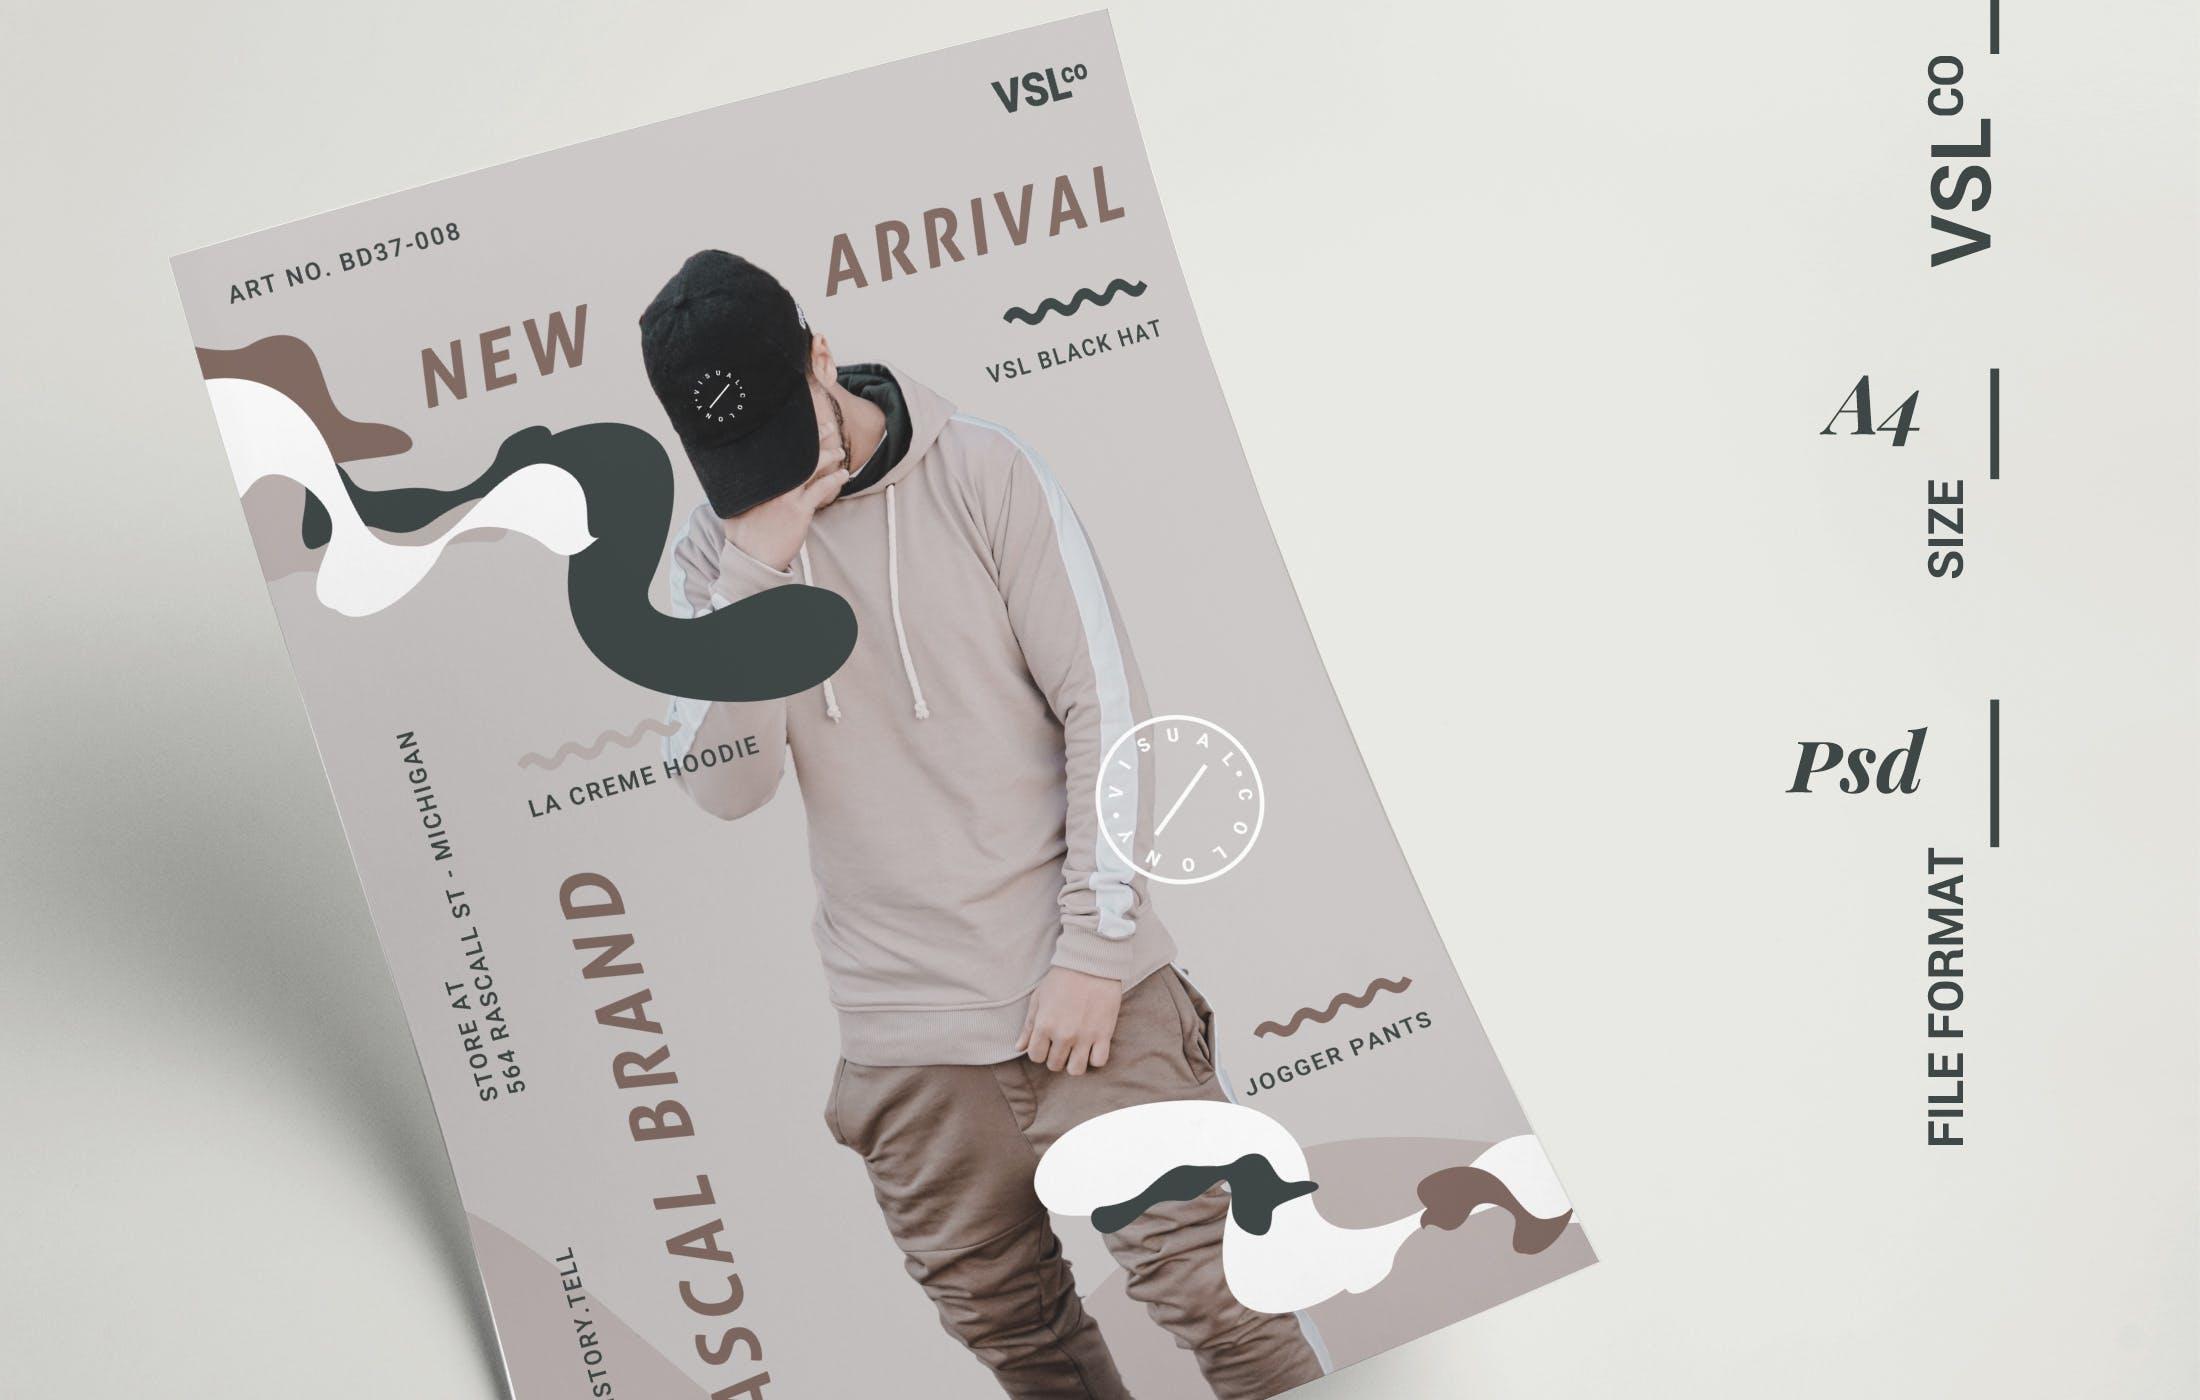 时尚简约海报风格模板传单素材Fashion Poster